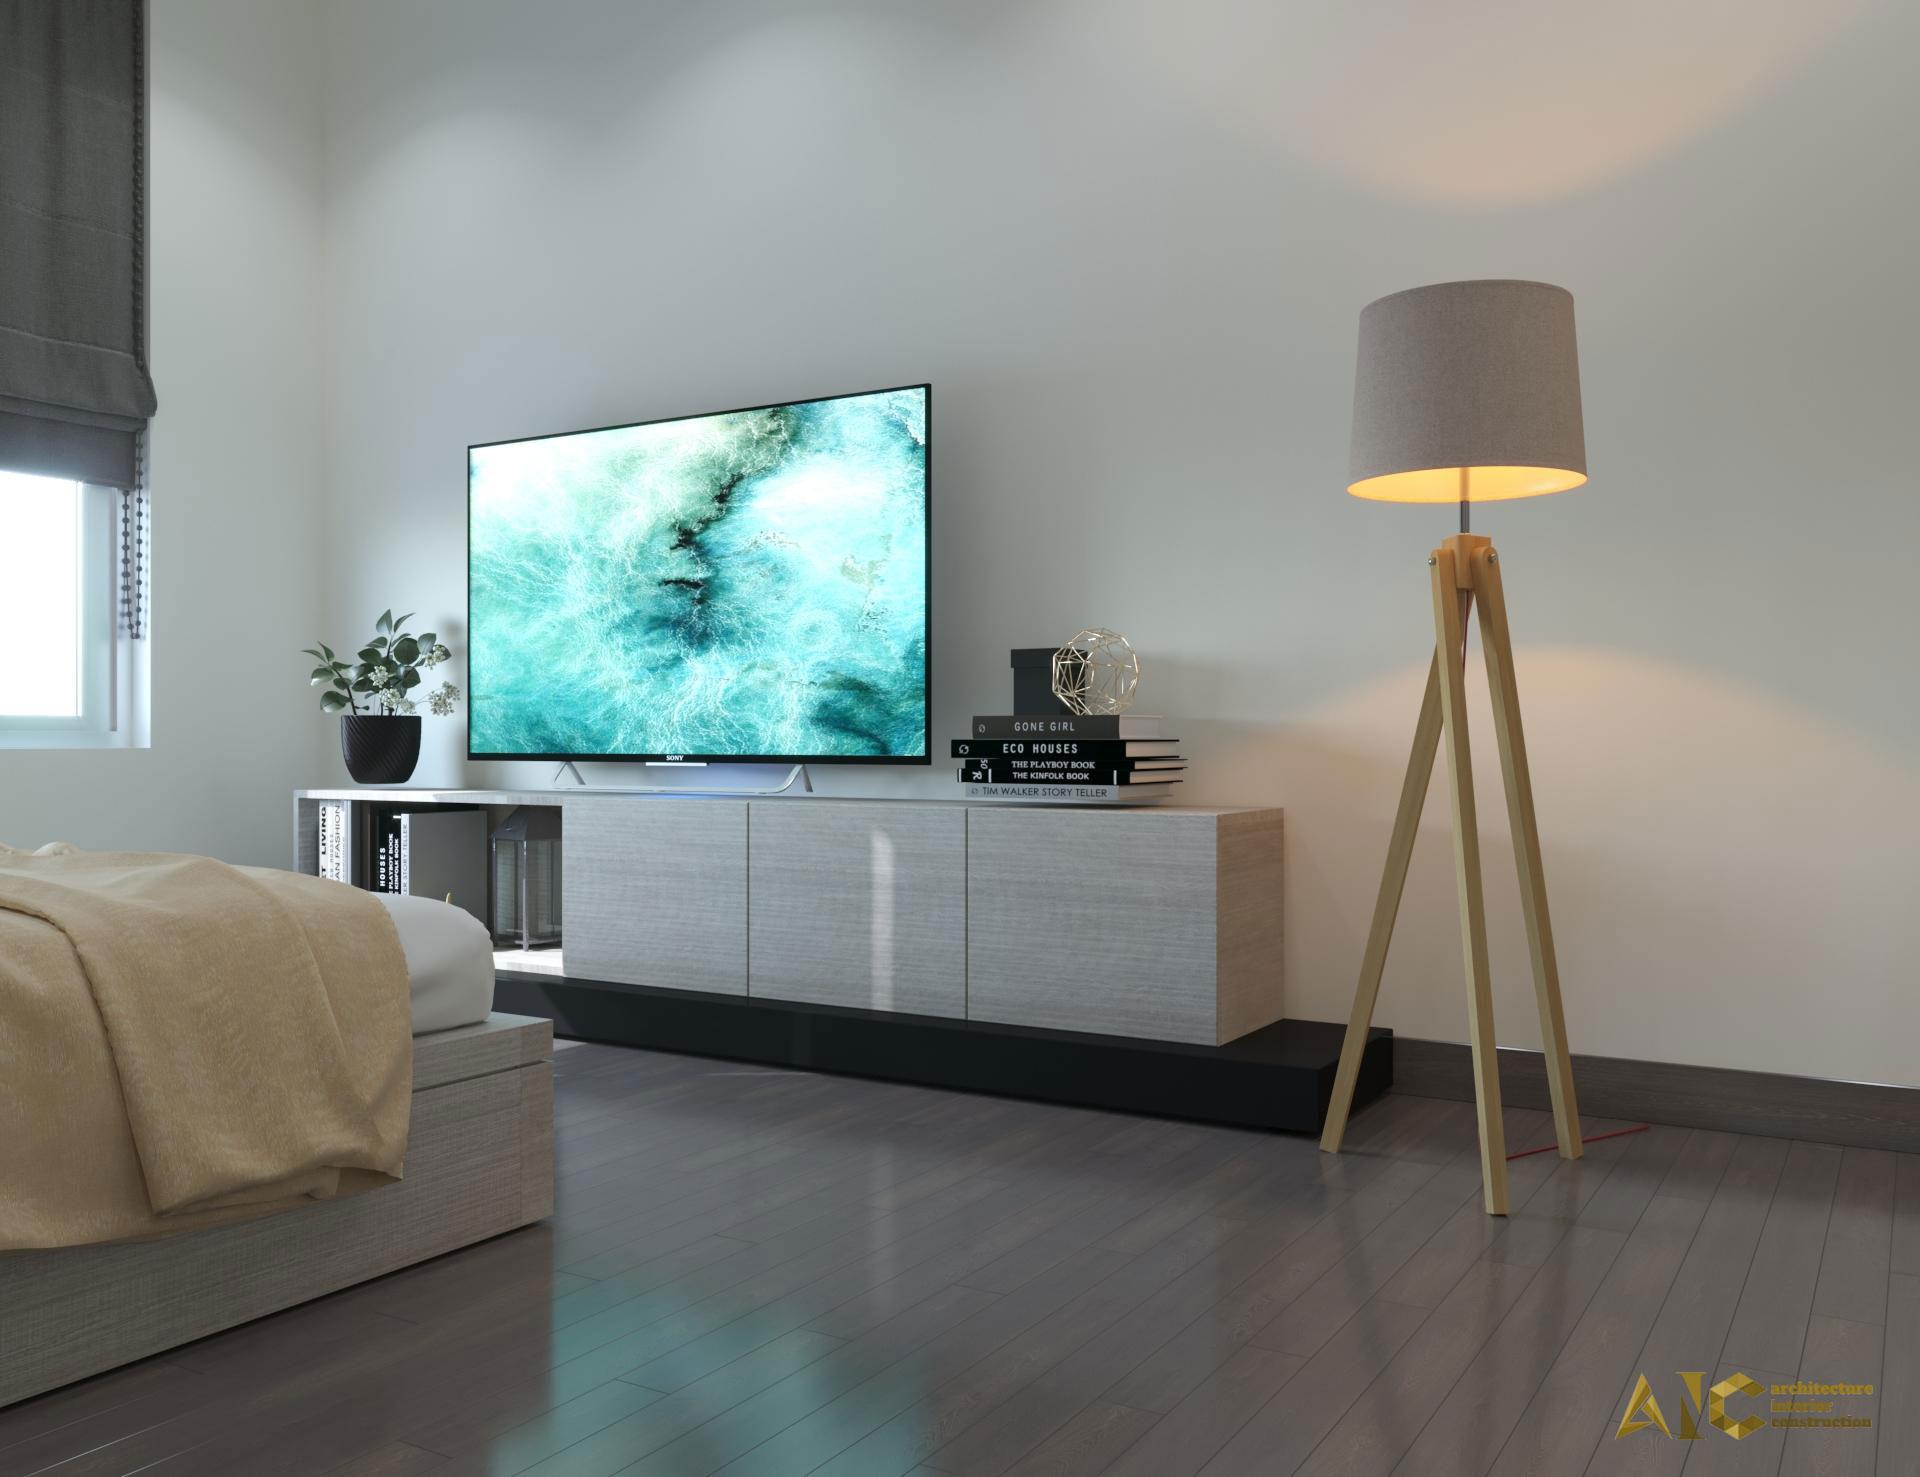 thiết kế và thi công nội thất căn hộ chú Chương - Golden Mansion view 10